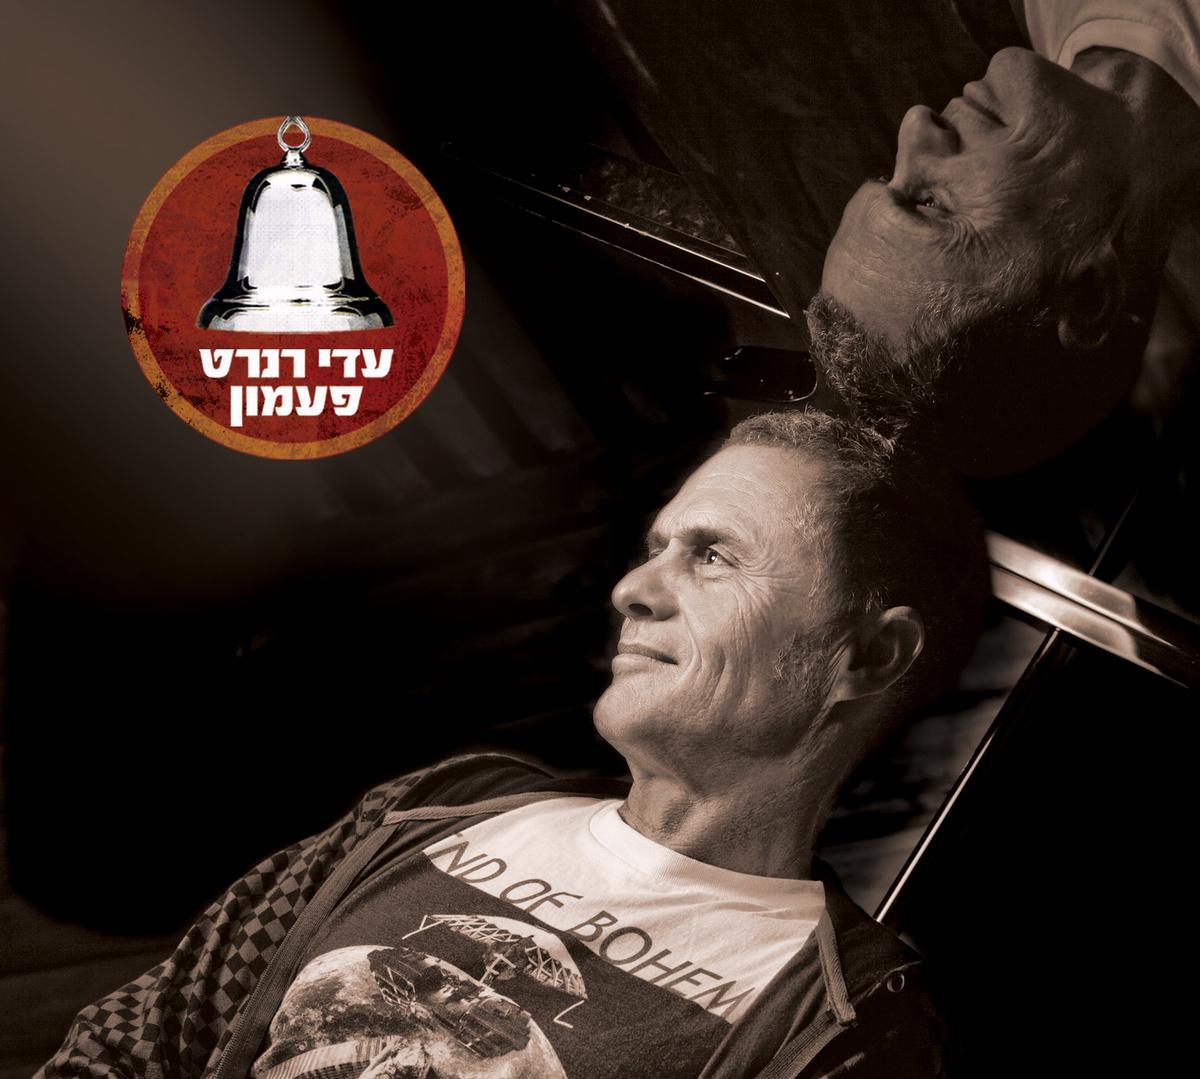 """""""הנגנים"""" חלק שני- אלקנה כהן על נגני הסשנים שעשו את השירים הגדולים של המוזיקה הישראלית."""